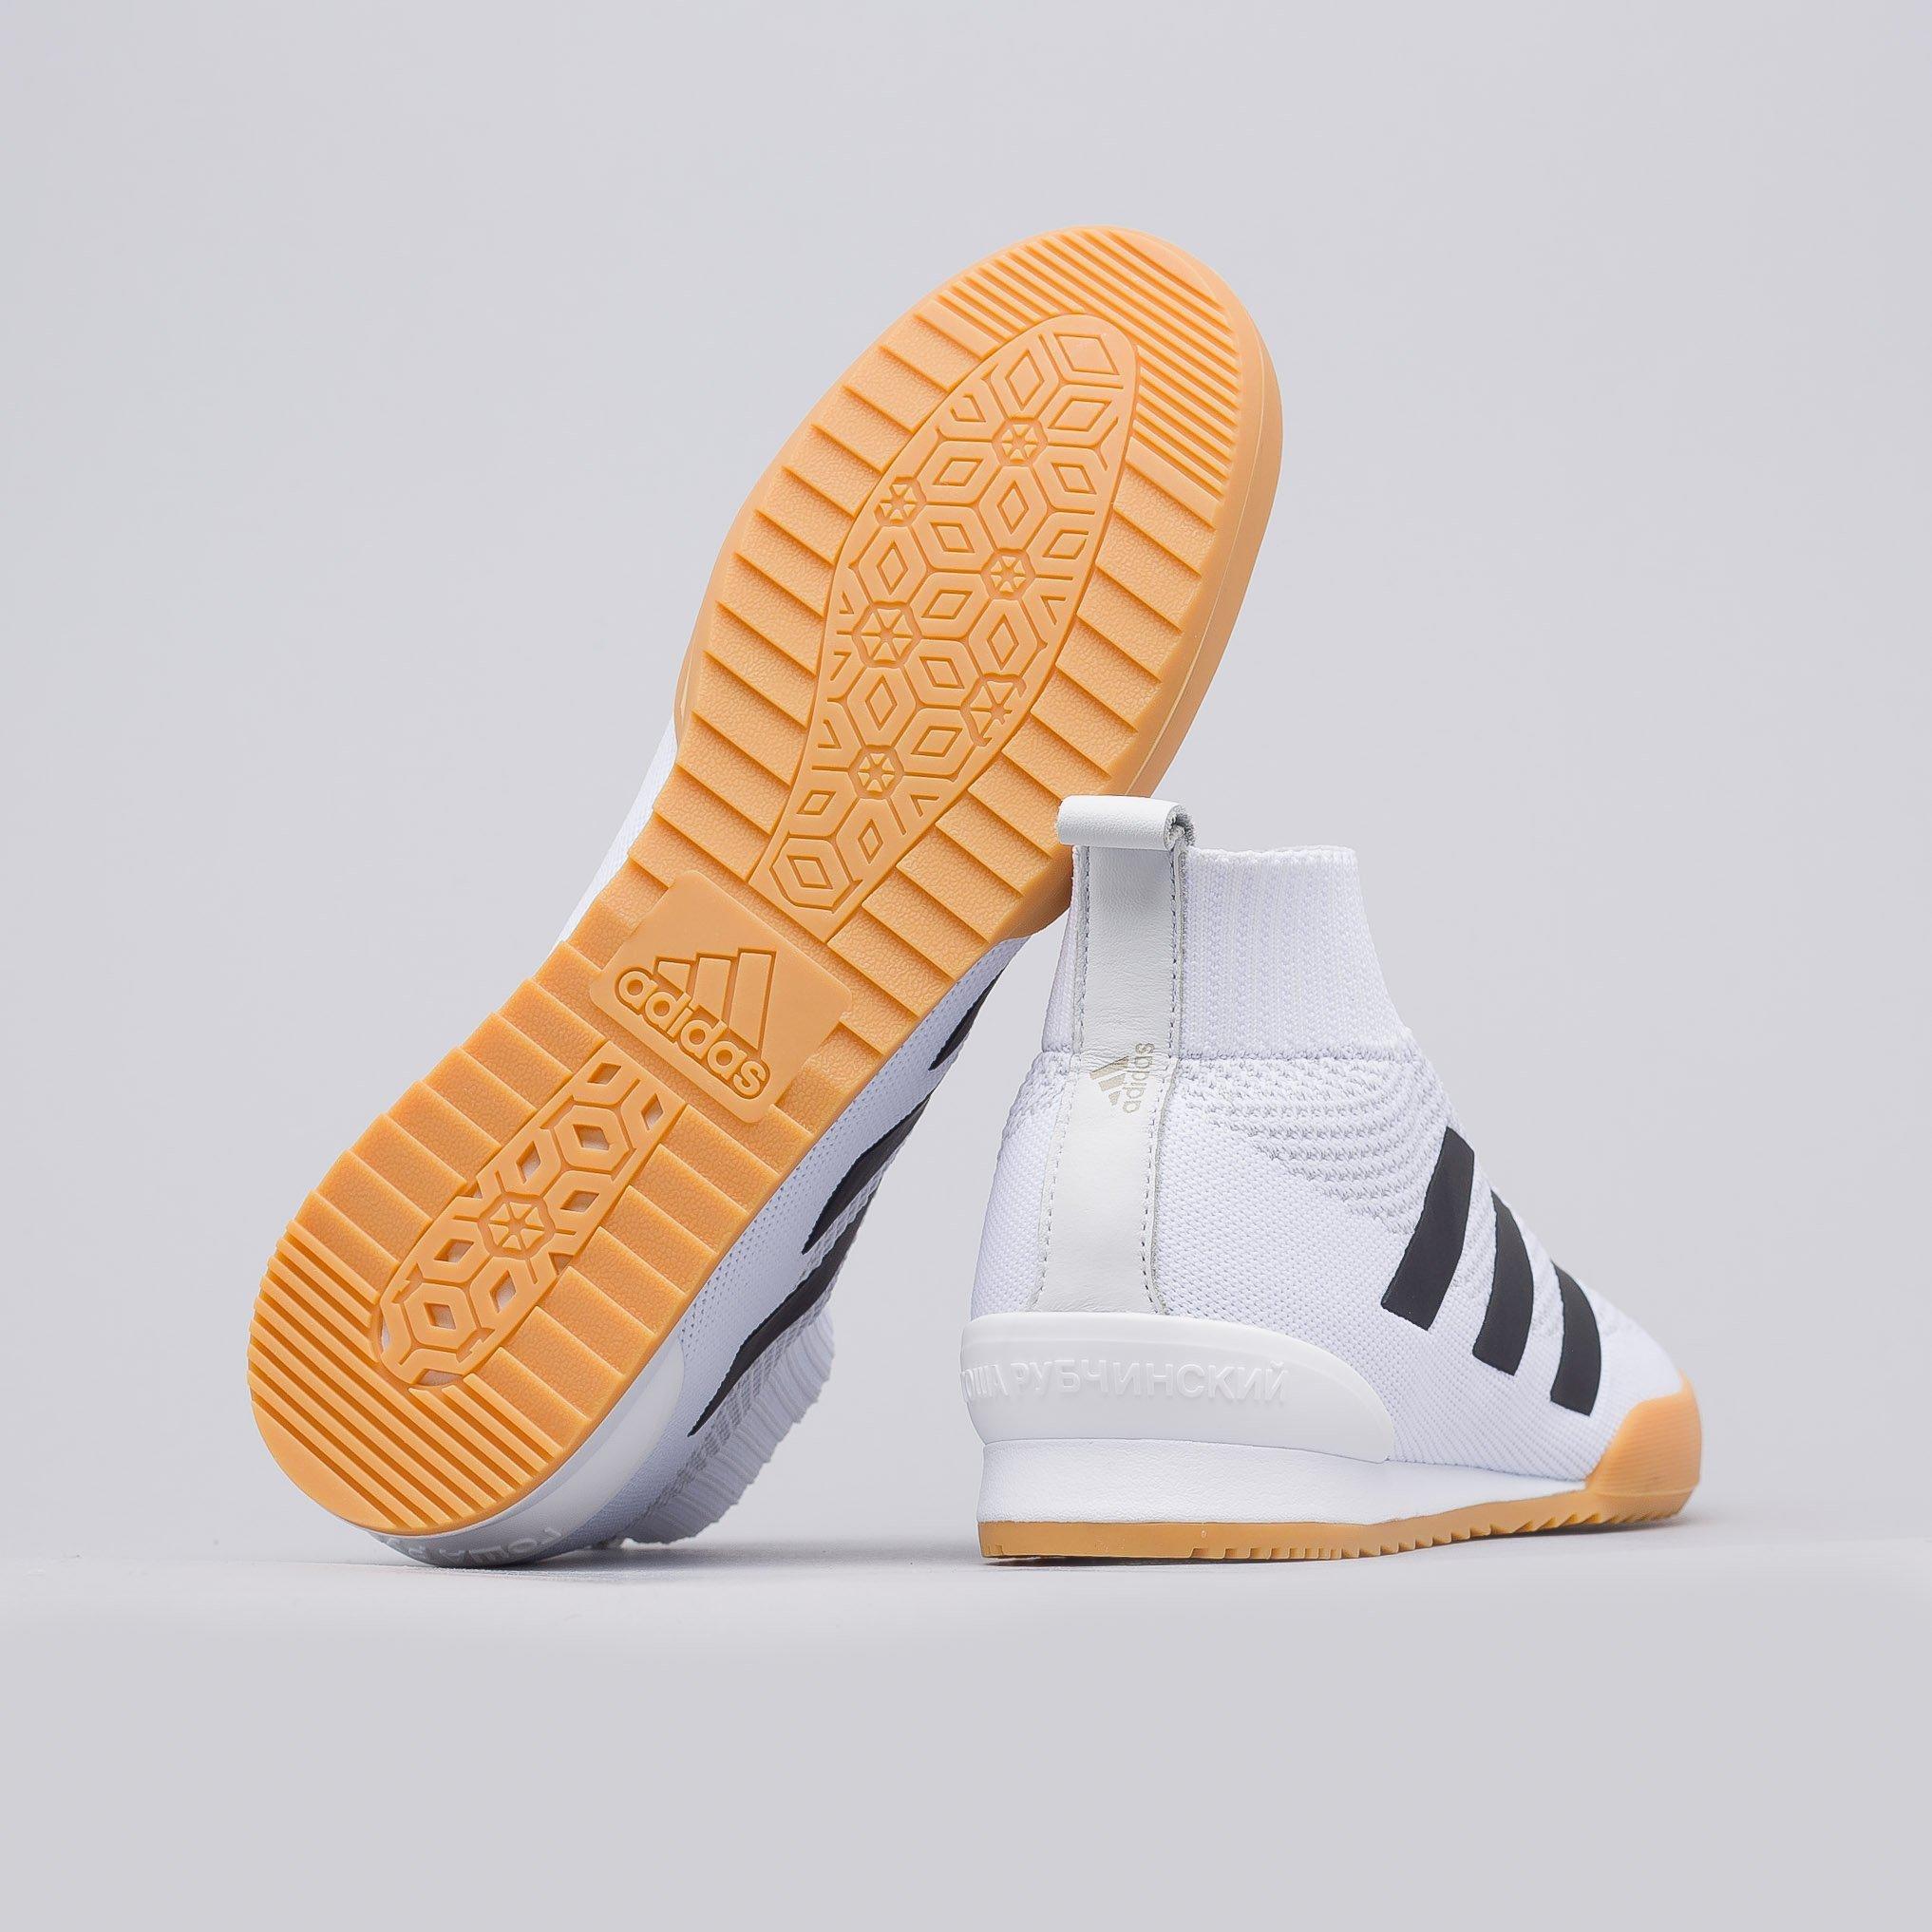 on sale e0f3a b0bd0 Lyst - Gosha Rubchinskiy X Adidas Ace Super Shoes In White i